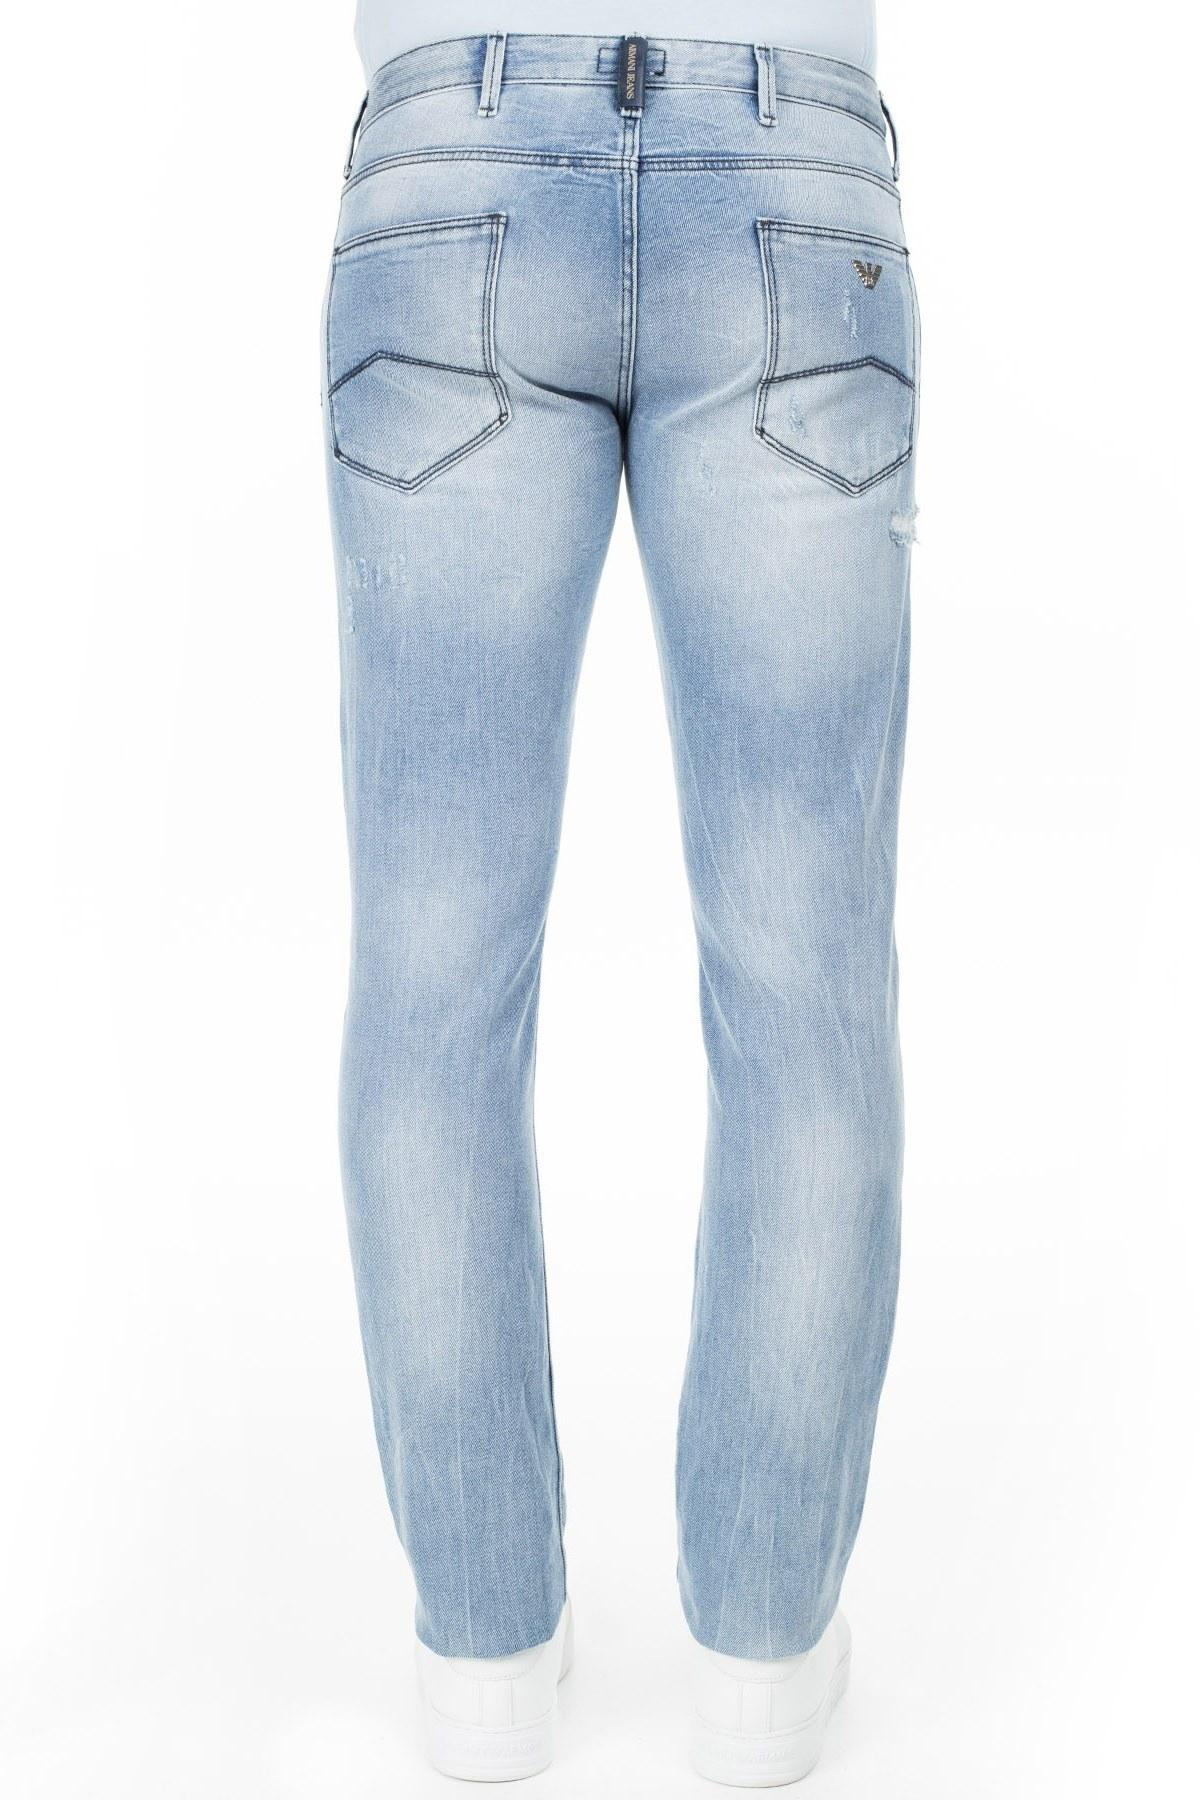 Armani J06 Jeans Erkek Kot Pantolon 3Y6J06 6D1VZ 1500 AÇIK MAVİ